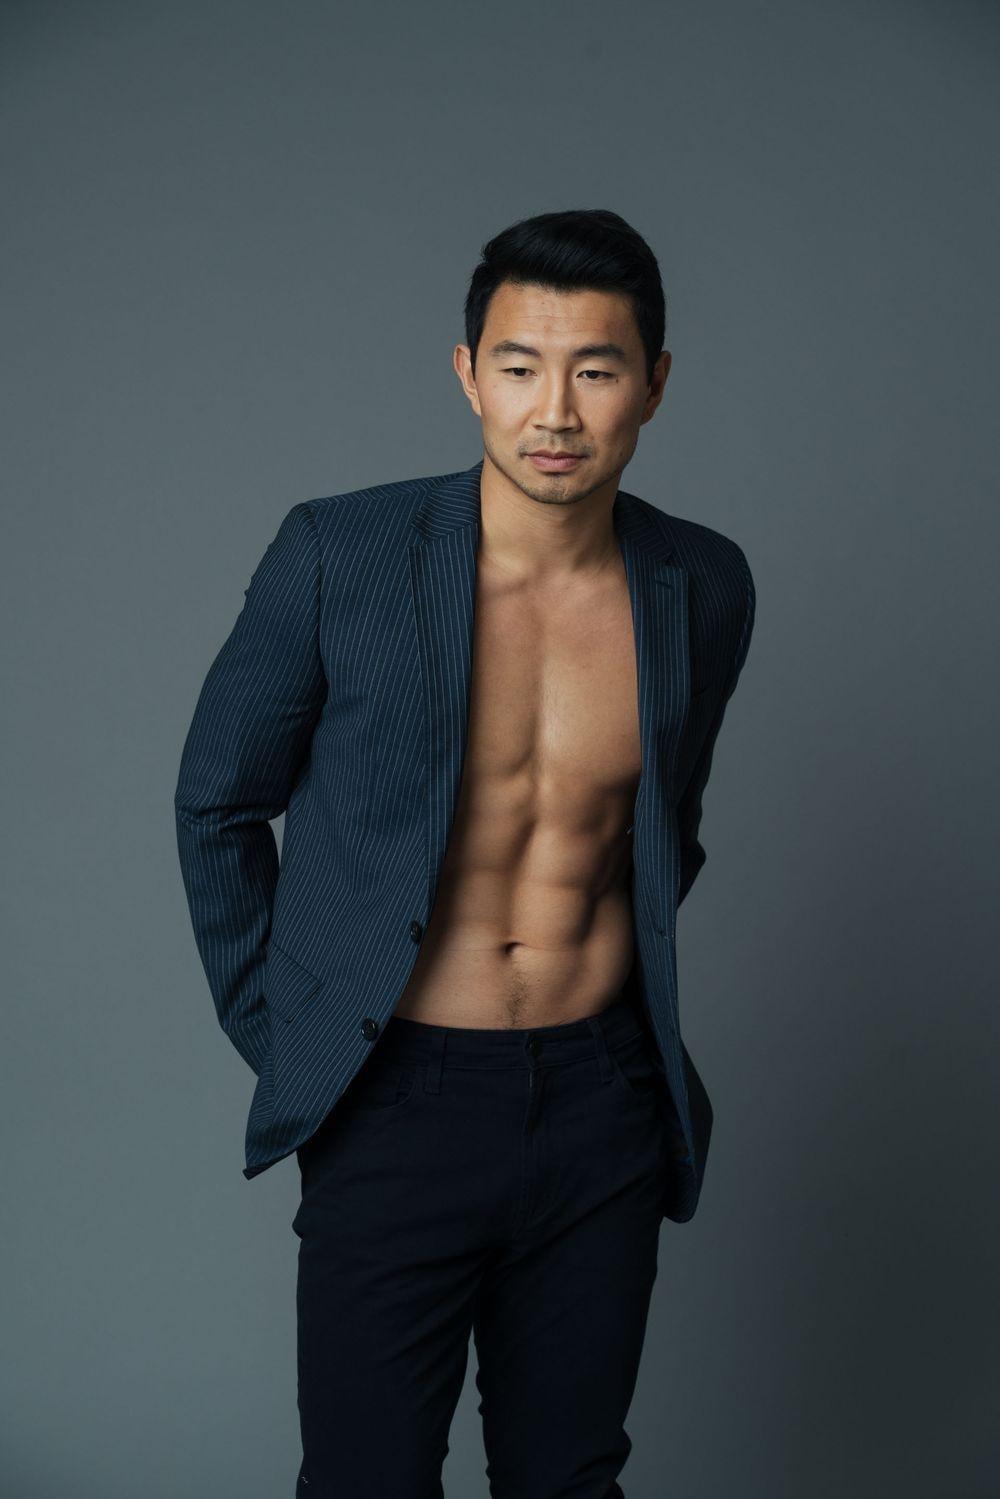 Mỹ nam được Marvel trao vai siêu anh hùng Châu Á có gì đặc biệt?